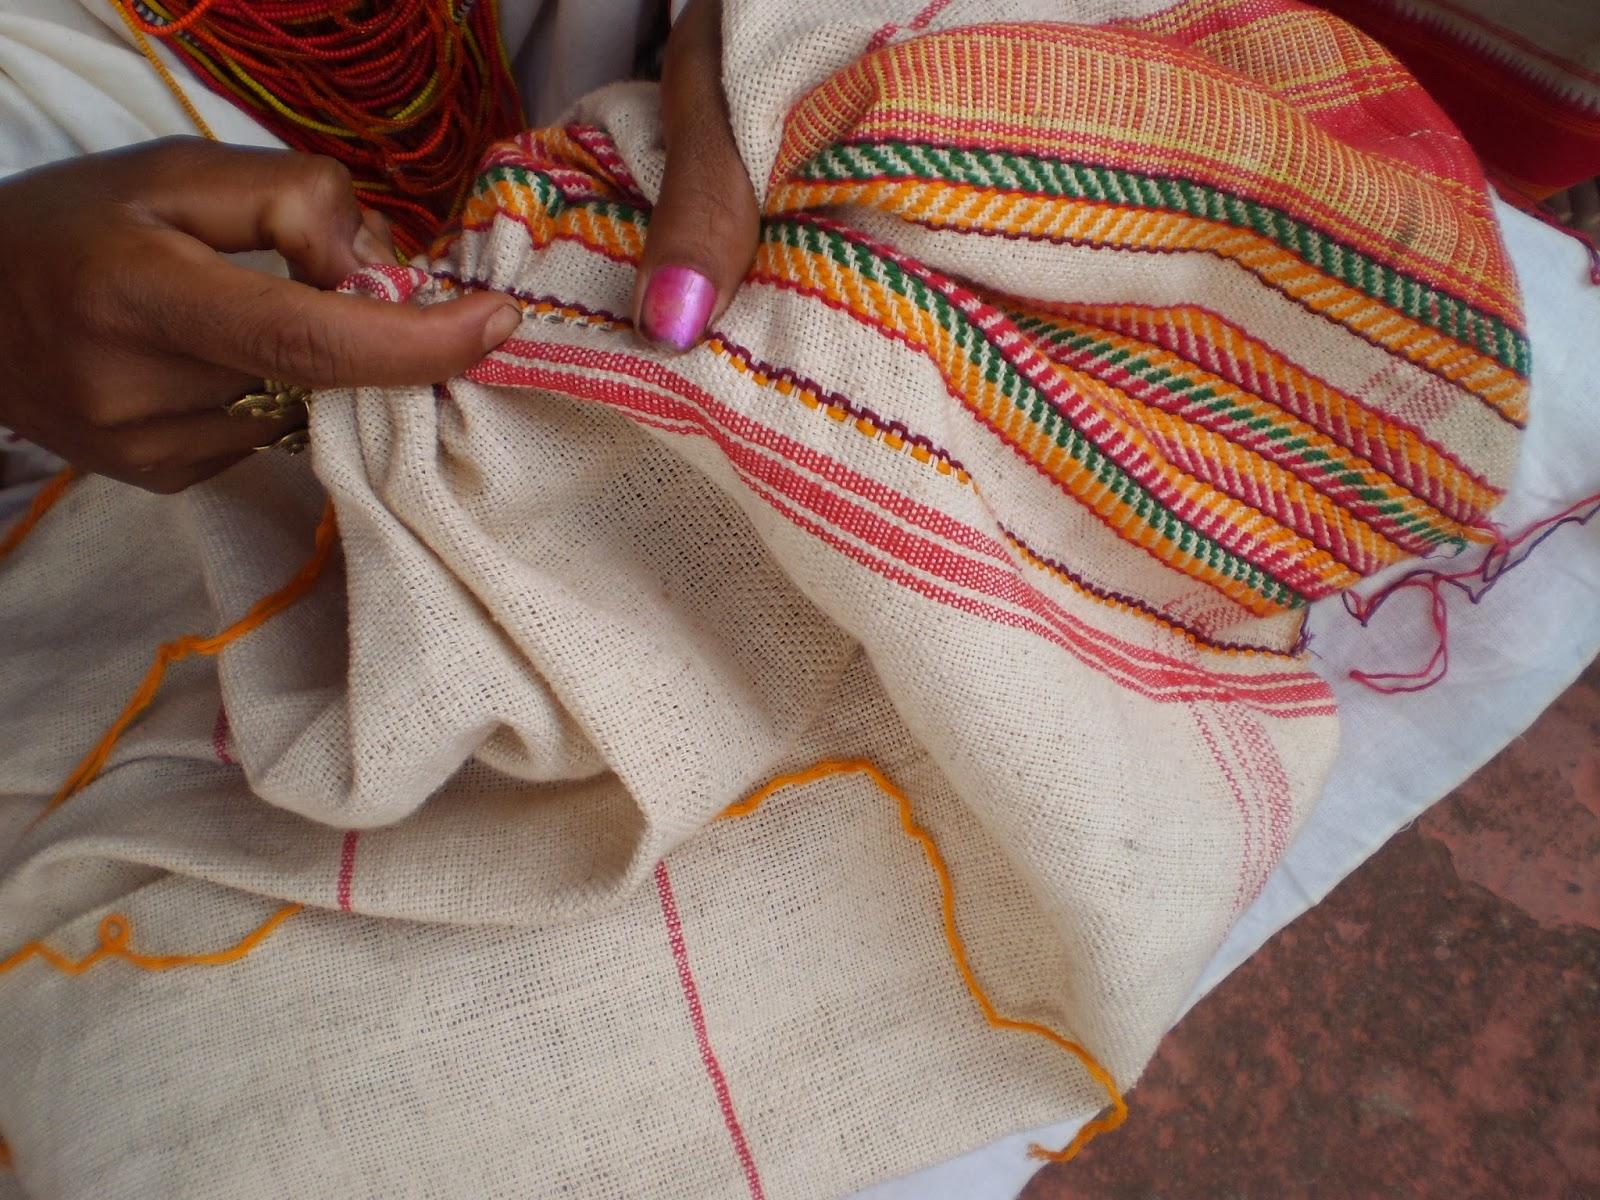 Stitching ptterns